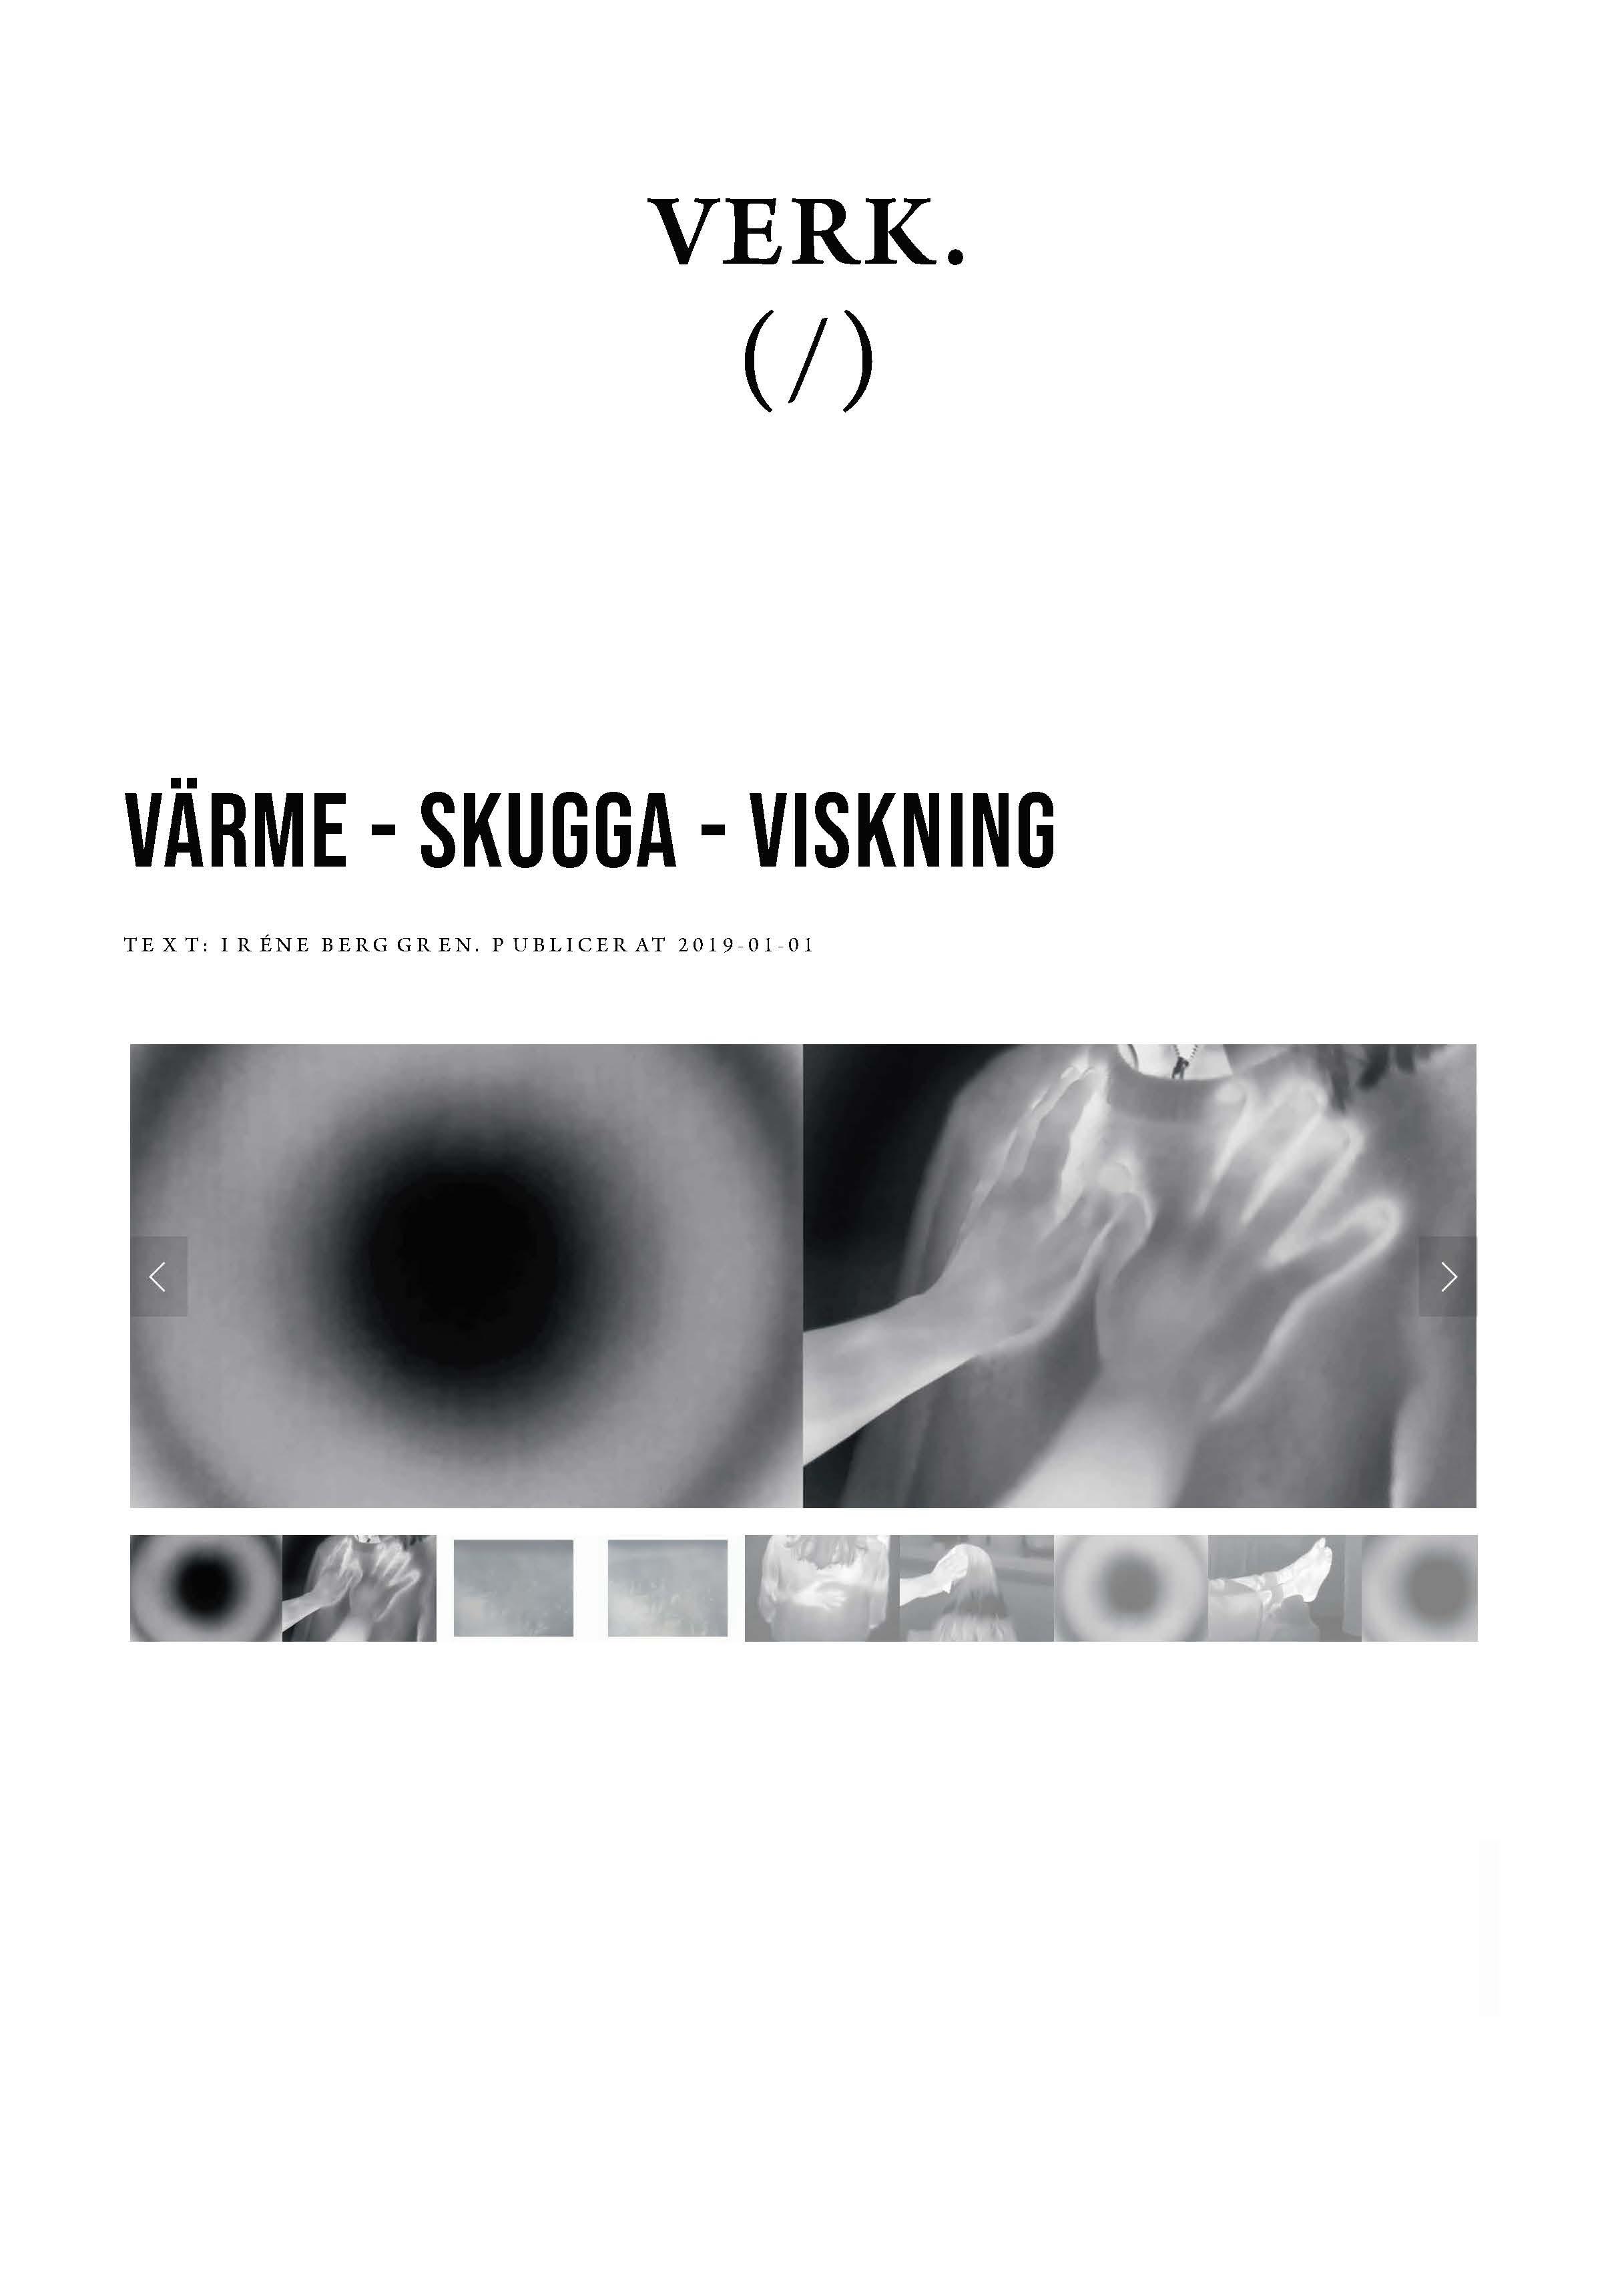 värme - skugga - viskning. Text_ Iréne Berggren — Verk._Page_1.jpg